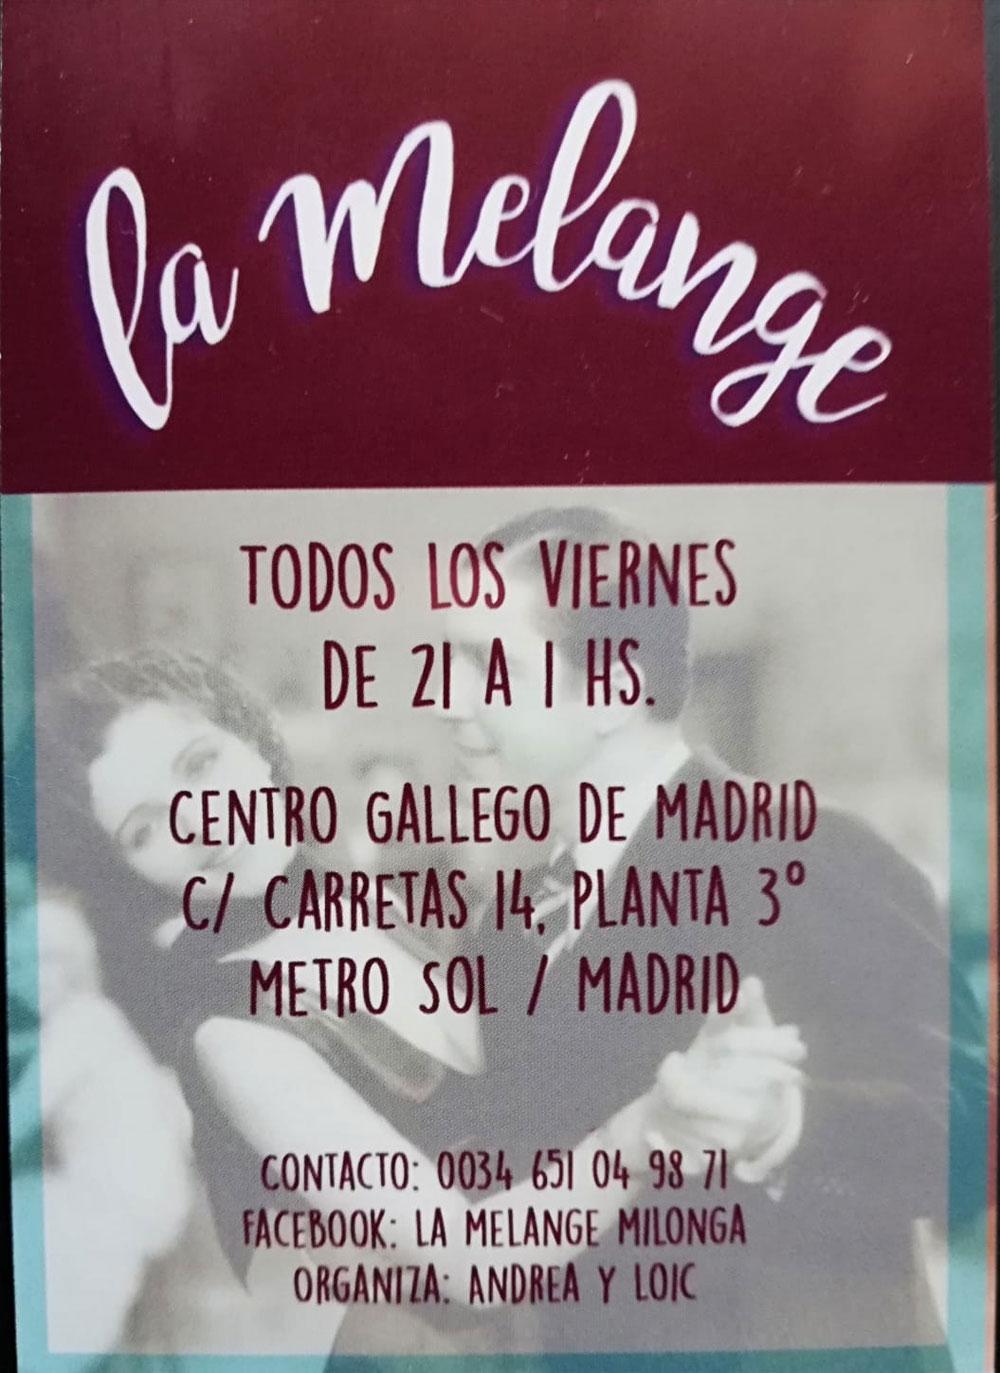 Tango y Milonga La Melange